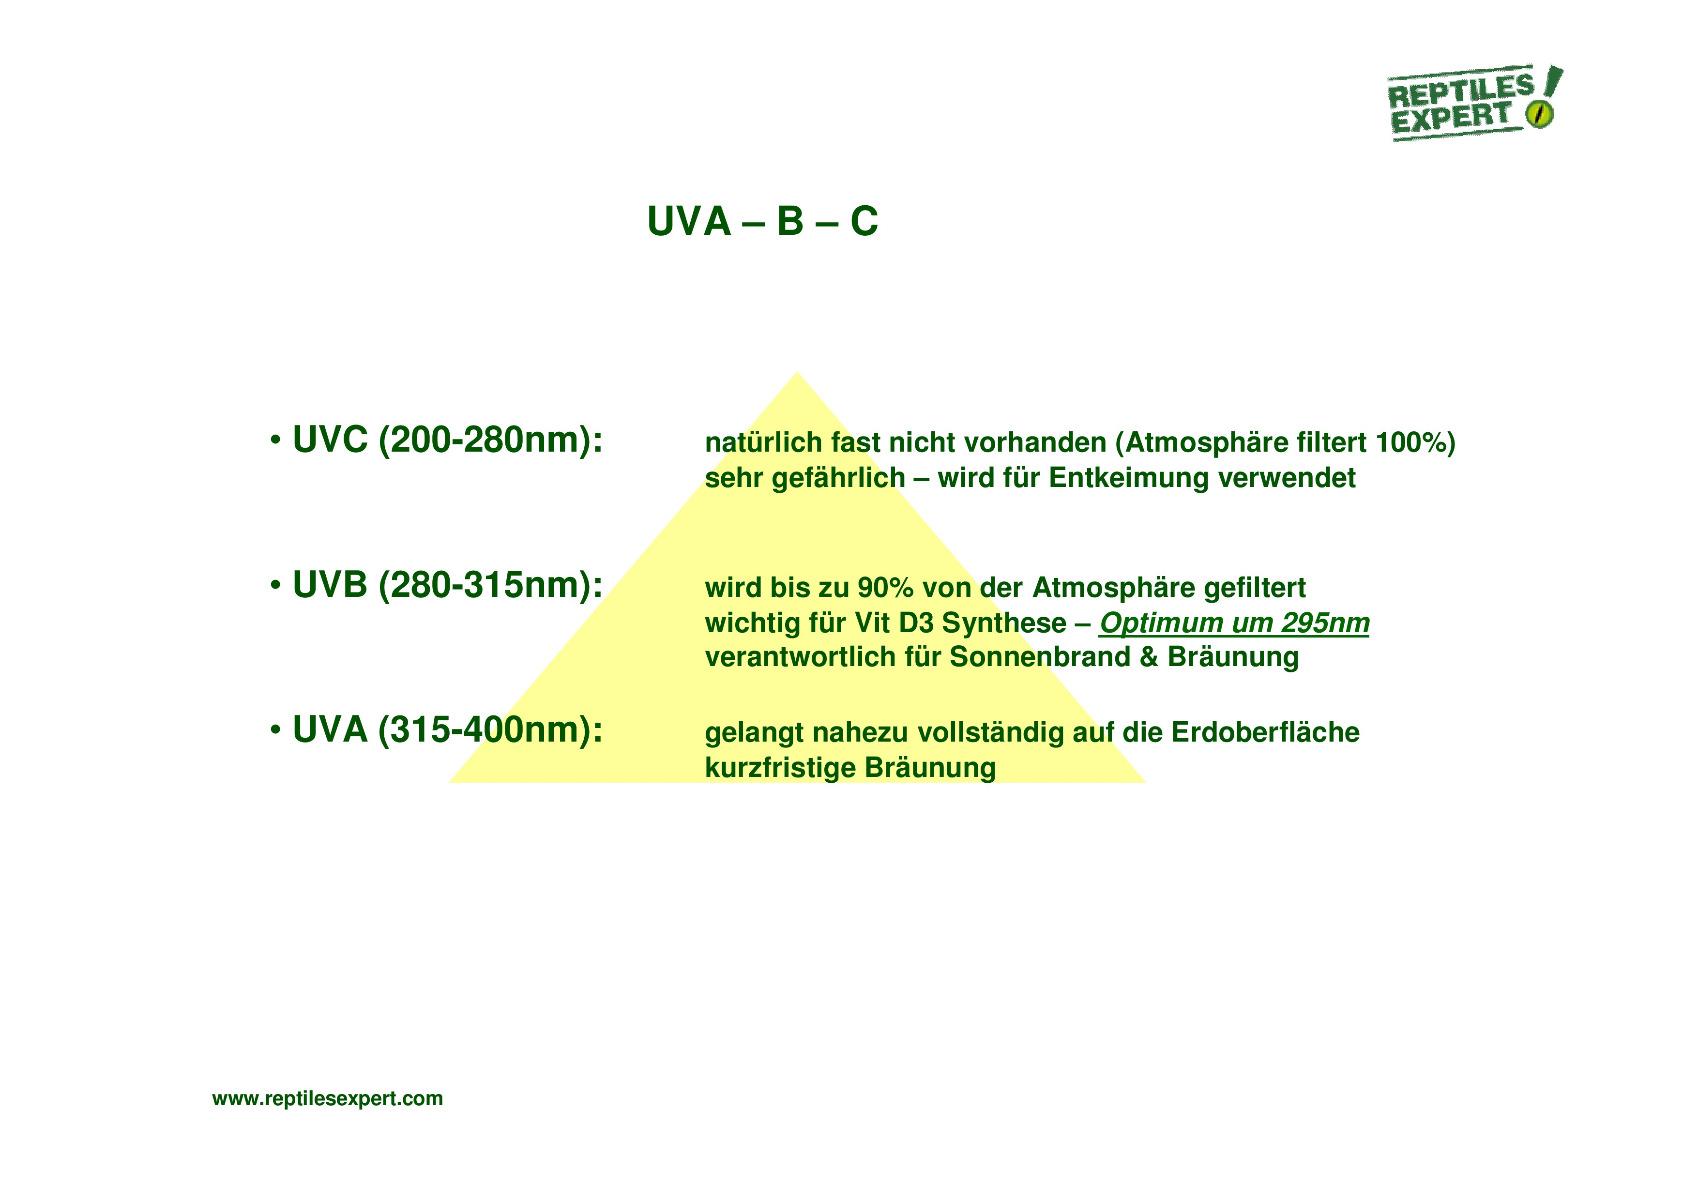 Reptiles Expert Info zu UV Licht